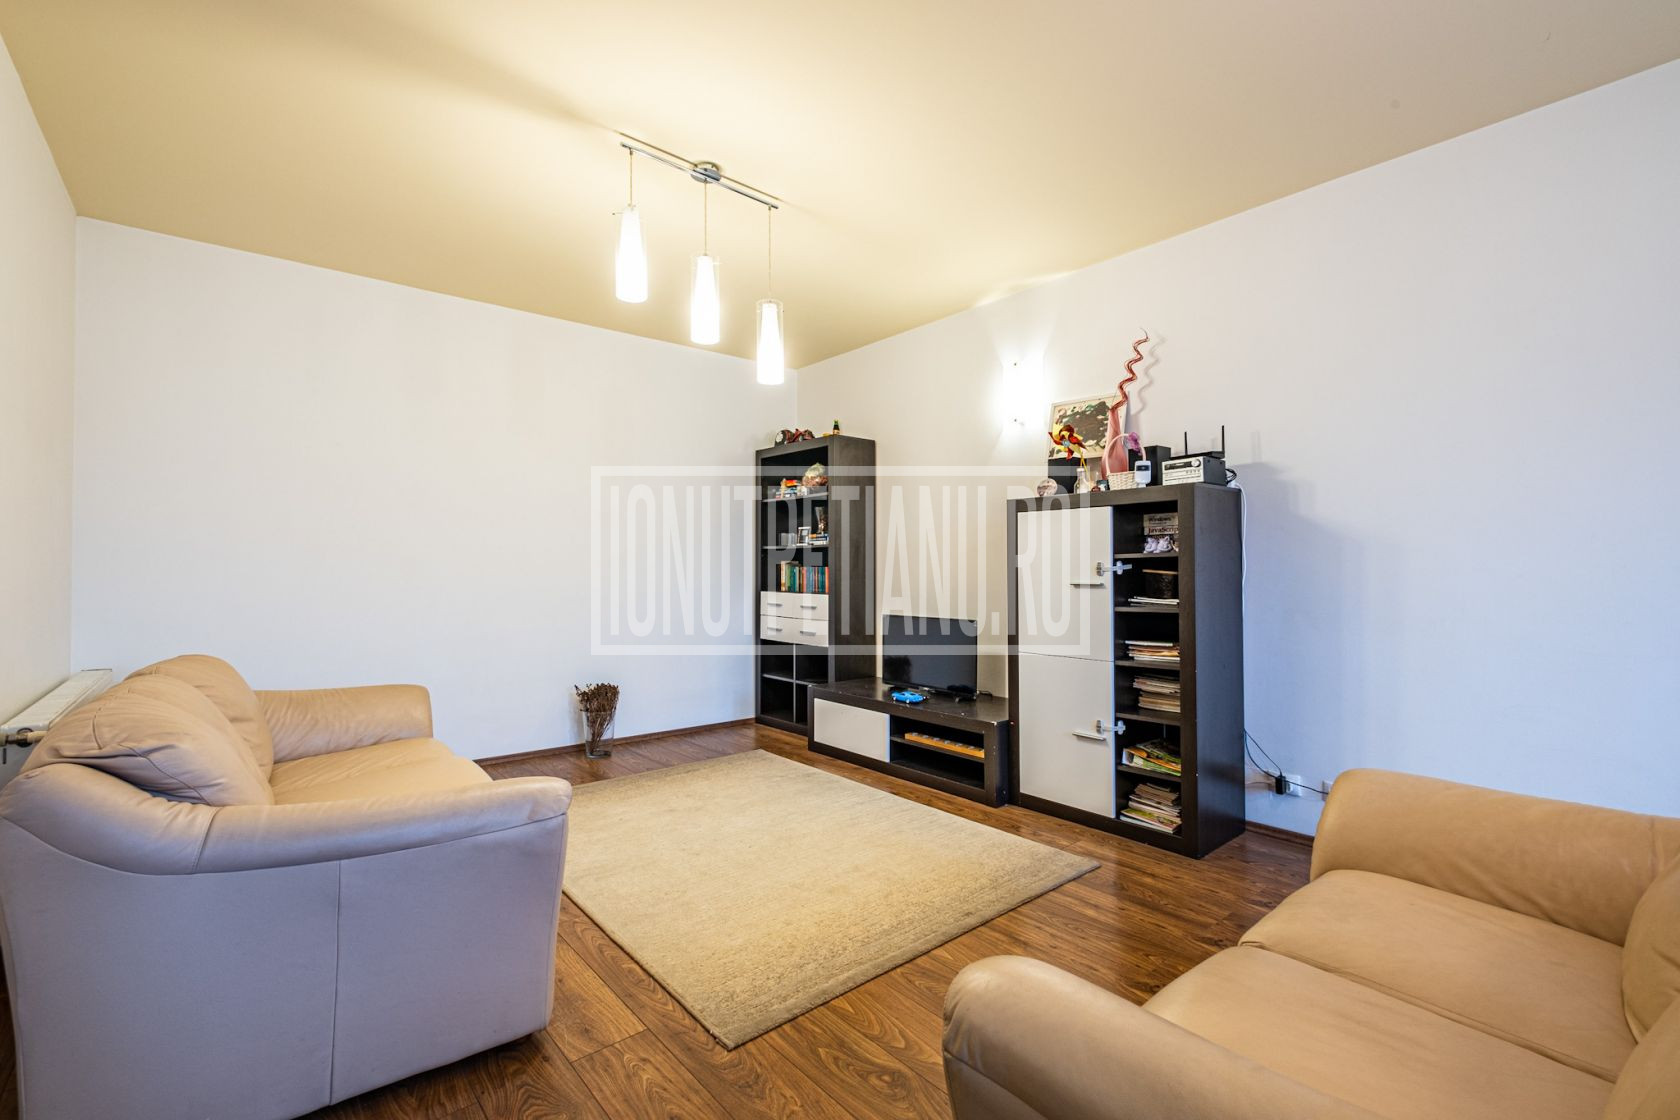 3 camere confortabil in zona linistita